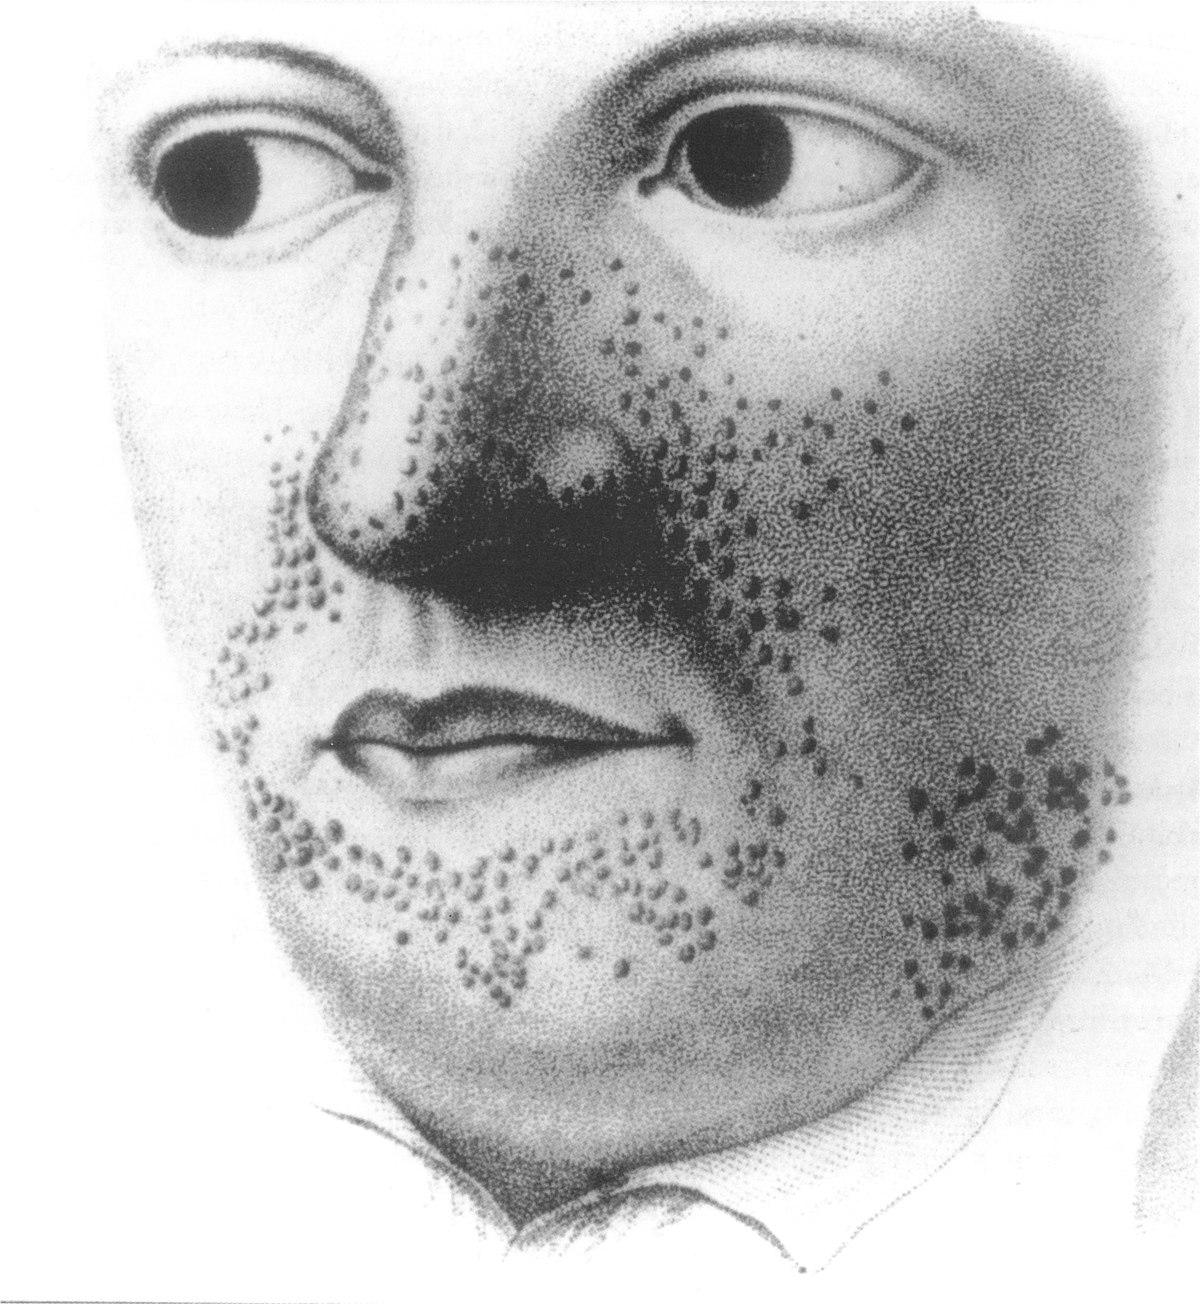 Esclerose tuberosa Wikipédia a enciclopédia livre